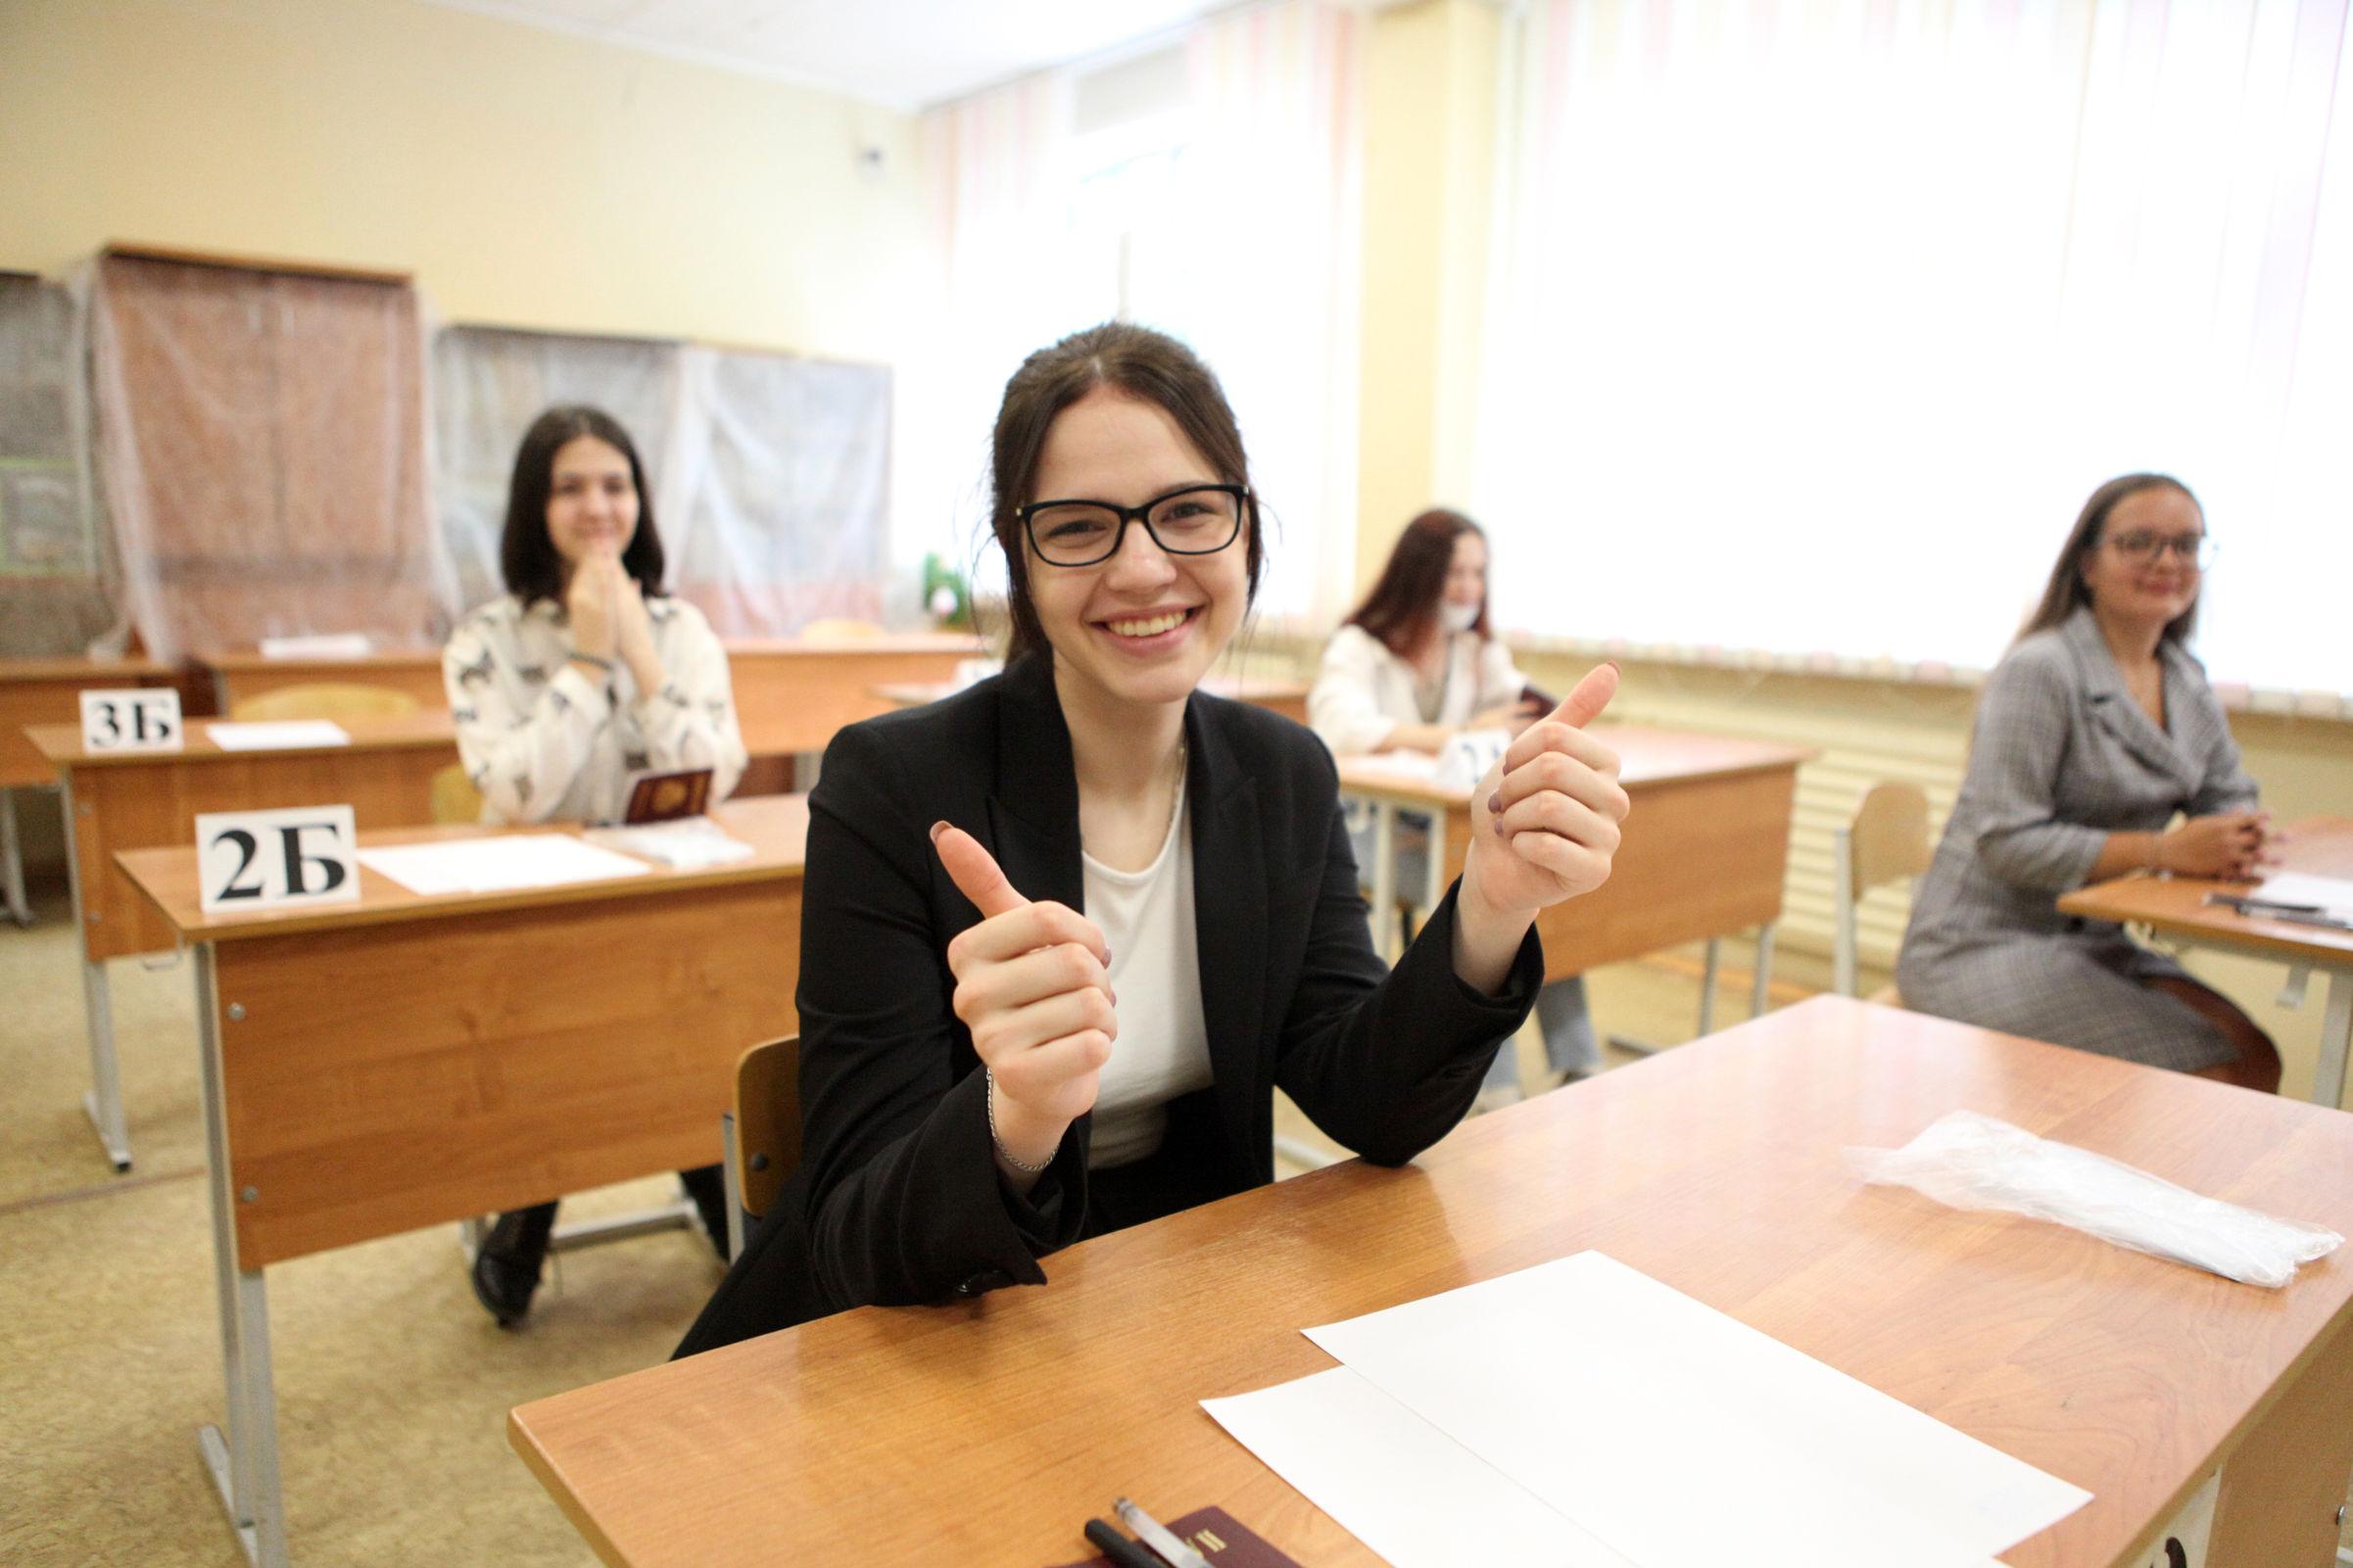 На экзамен во всеоружии. Ярославские школьники приступили к сдаче ЕГЭ